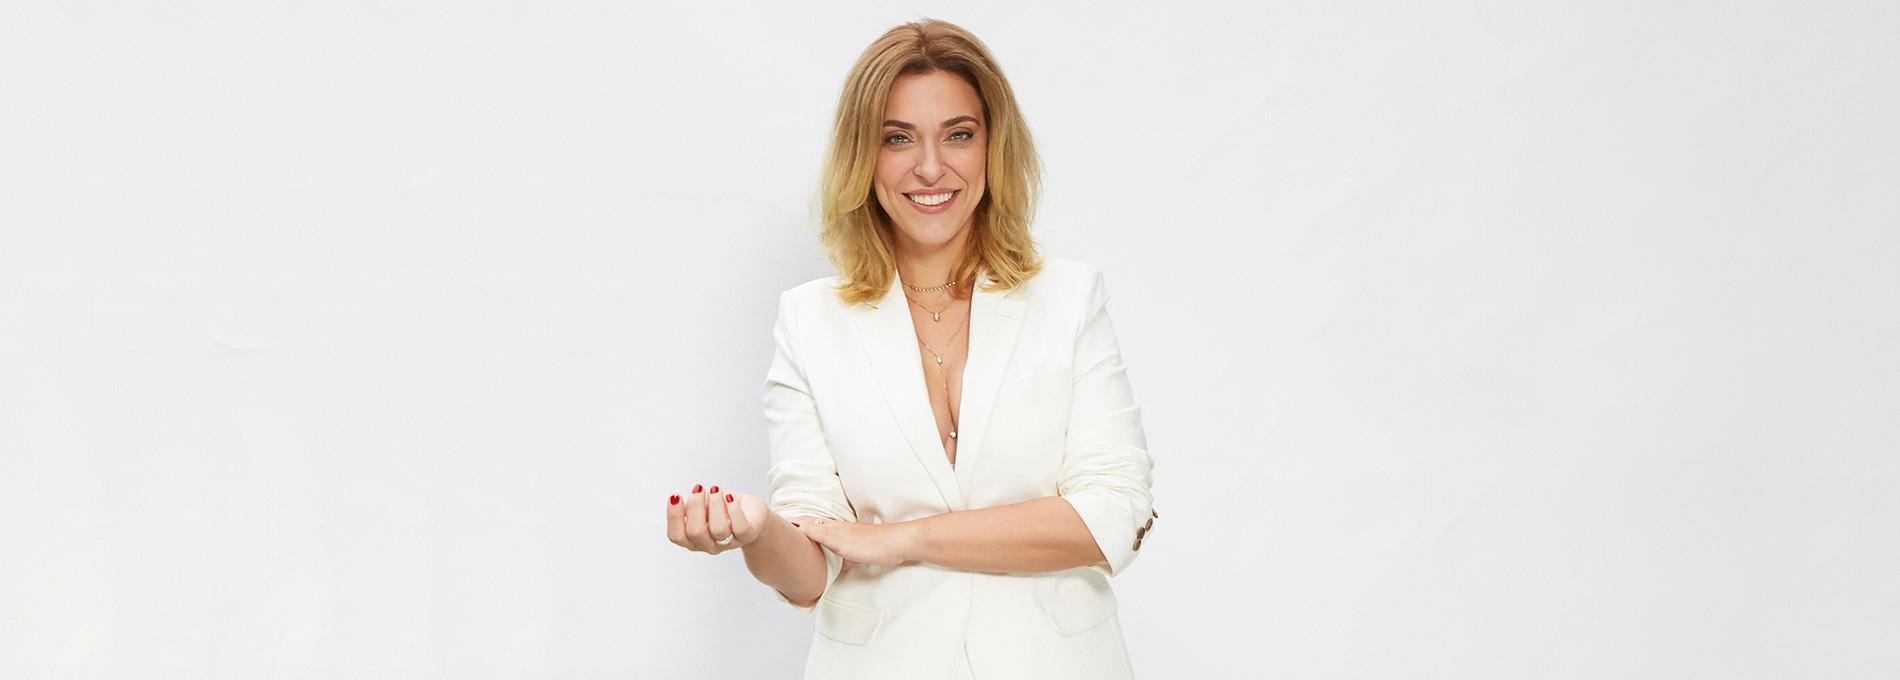 Júlia Rabello: workaholic e sem medo do tempo nem da morte